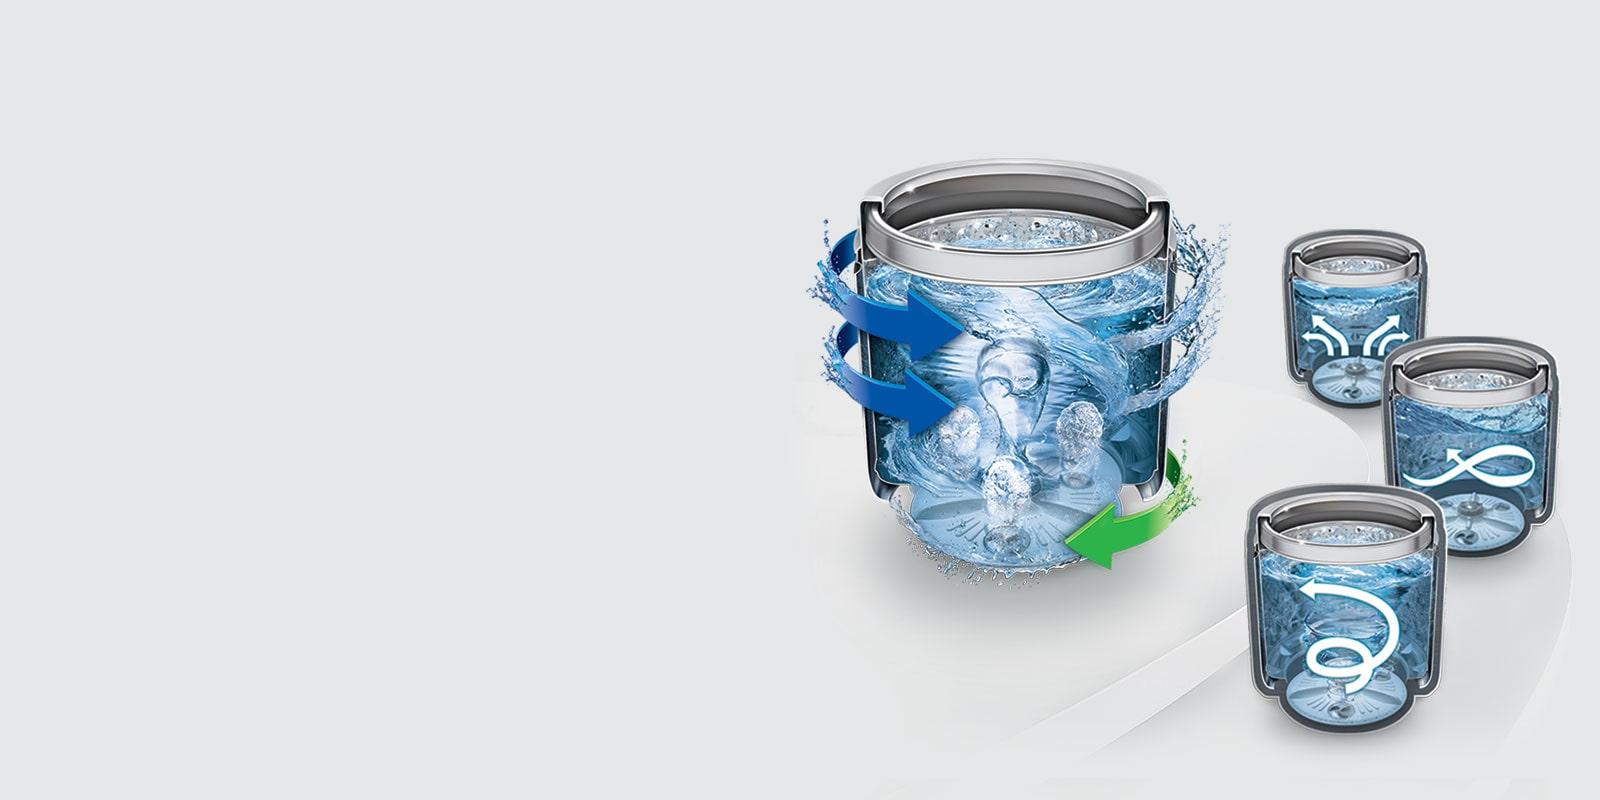 LG T80SJMB1Z 8.0 kg Turbo Drum